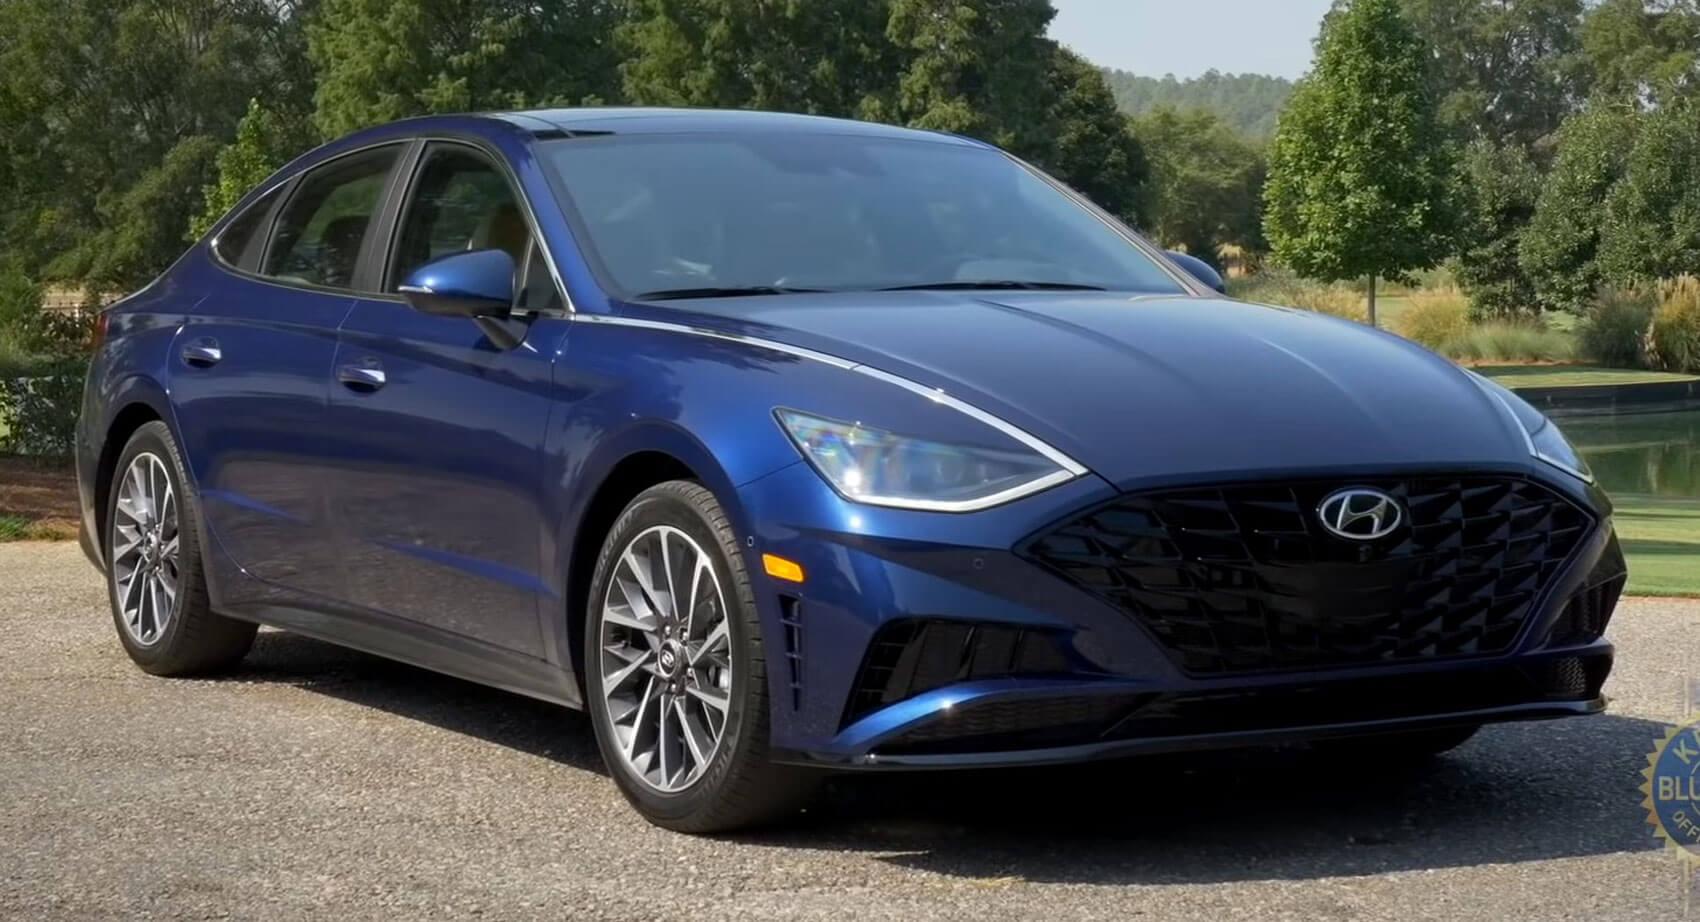 2020 Hyundai Sonata Not The Prettiest Midsize Sedan But